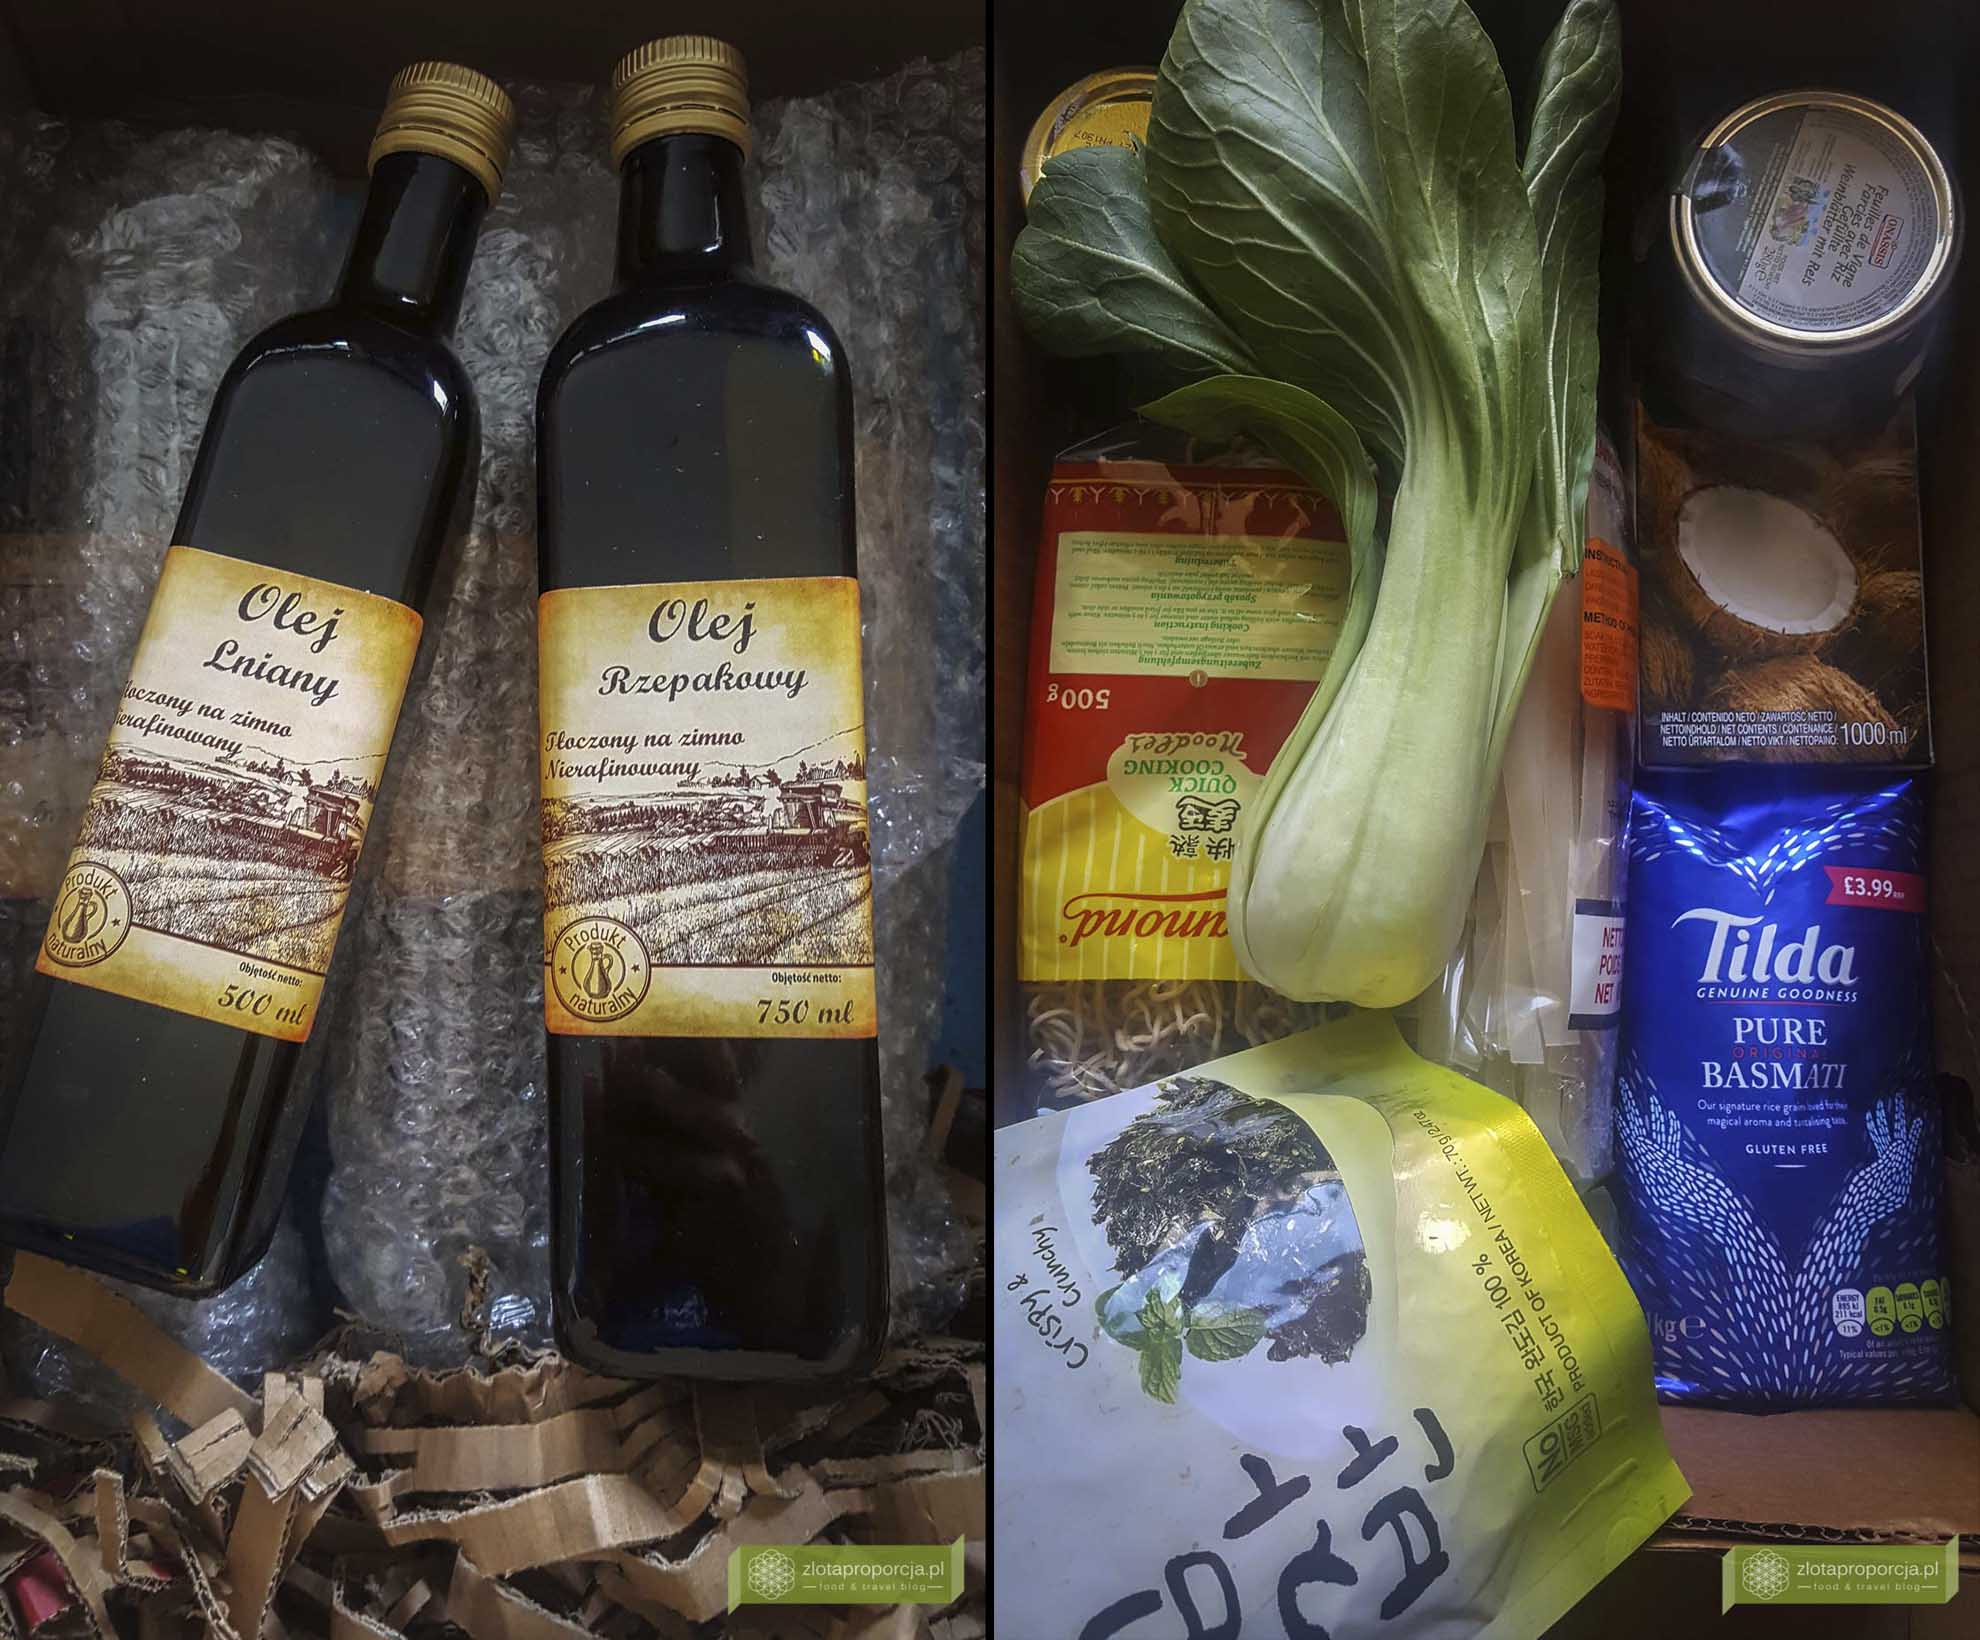 zakupy w internecie; sklepy internetowe z produktami świata; kuchnie świata; produkty świata;